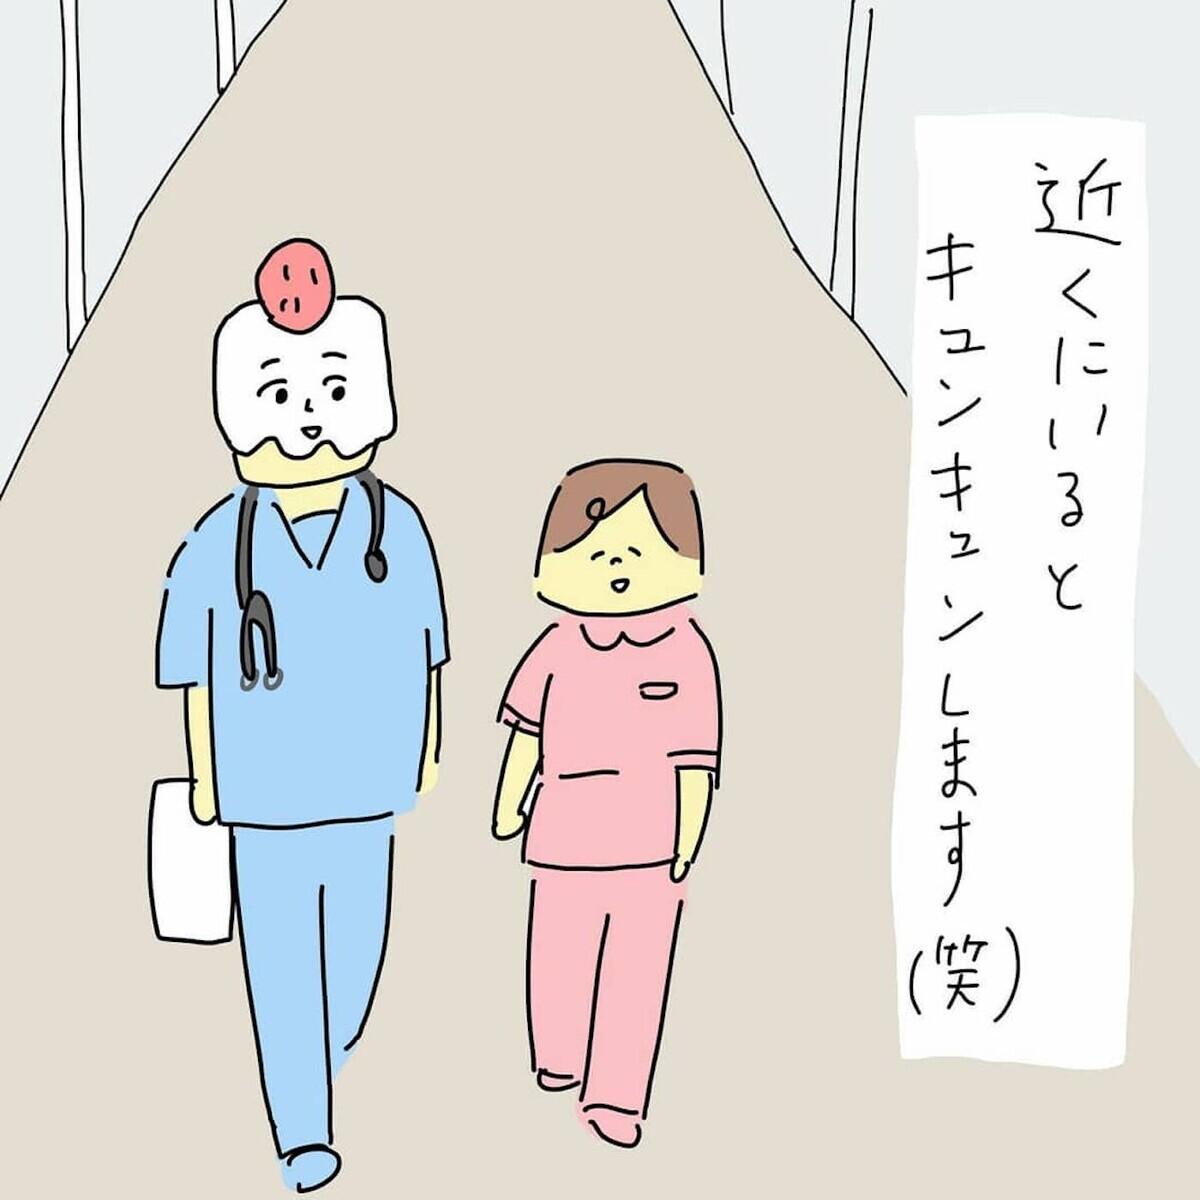 離婚から約2ヶ月、幸せな毎日を噛みしめるプリ子 しかし元夫に不穏な動きが…【結婚までのプリン Vol.11】